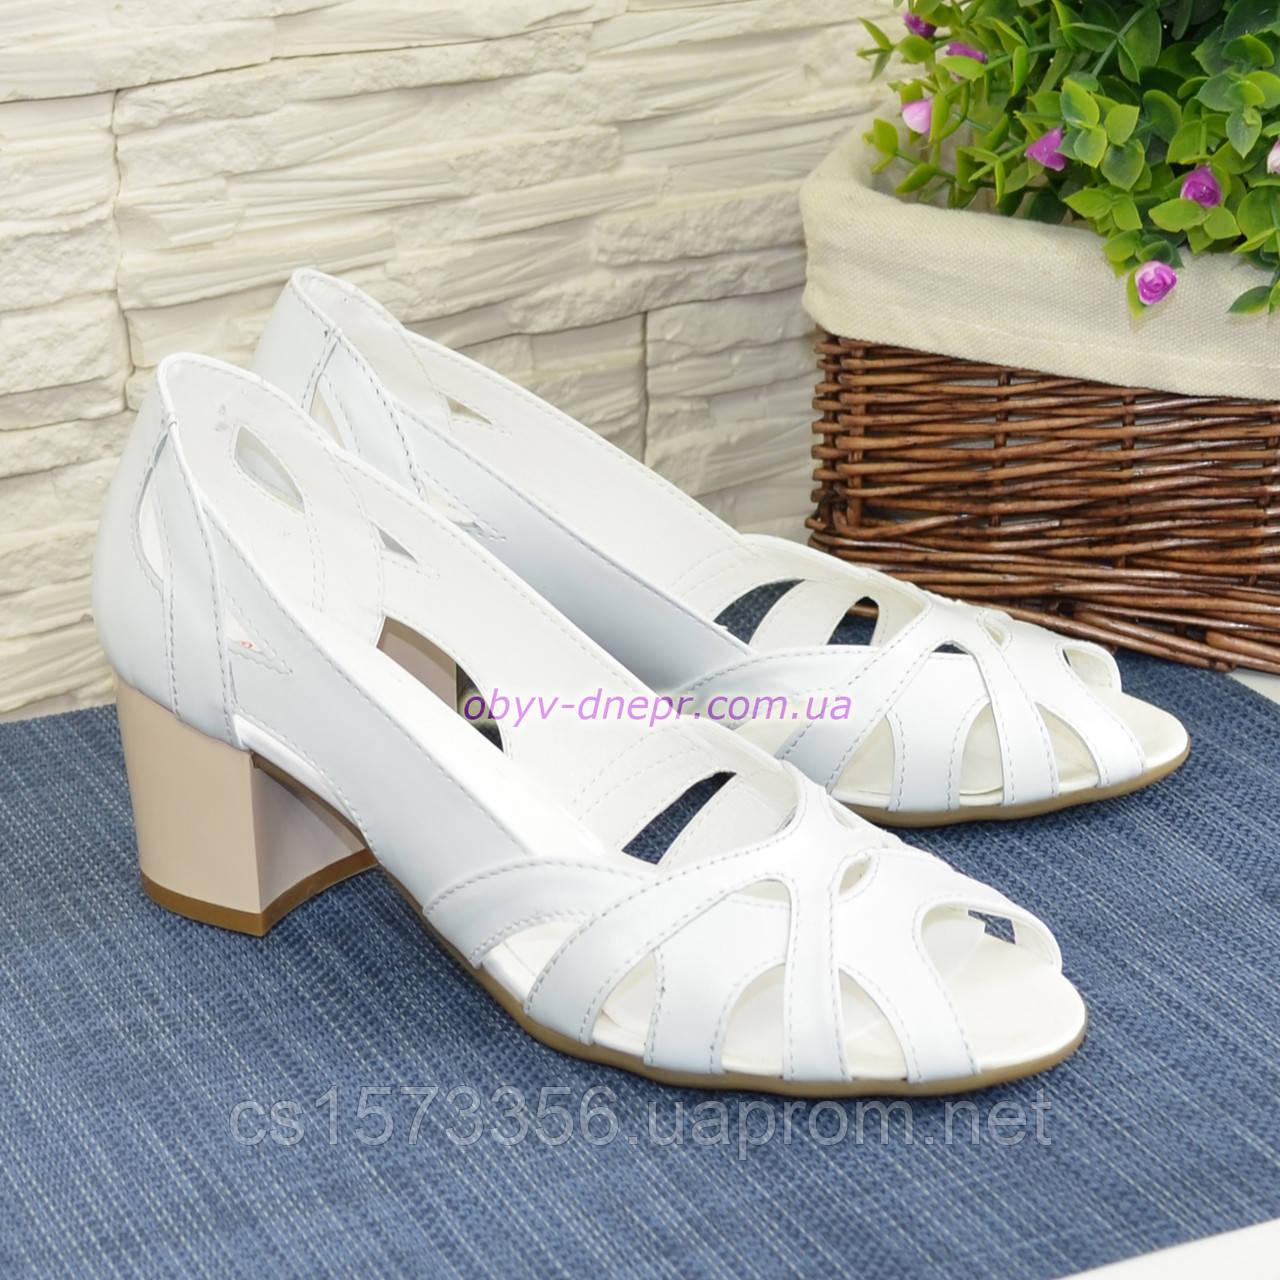 Босоножки женские кожаные белые на невысоком устойчивом каблуке